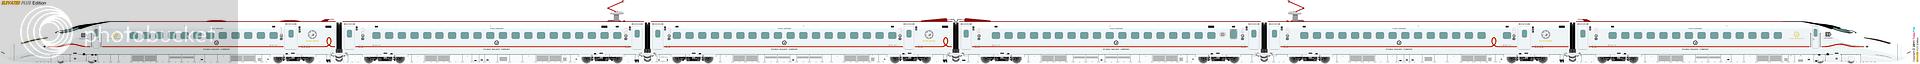 鐵路列車 2279